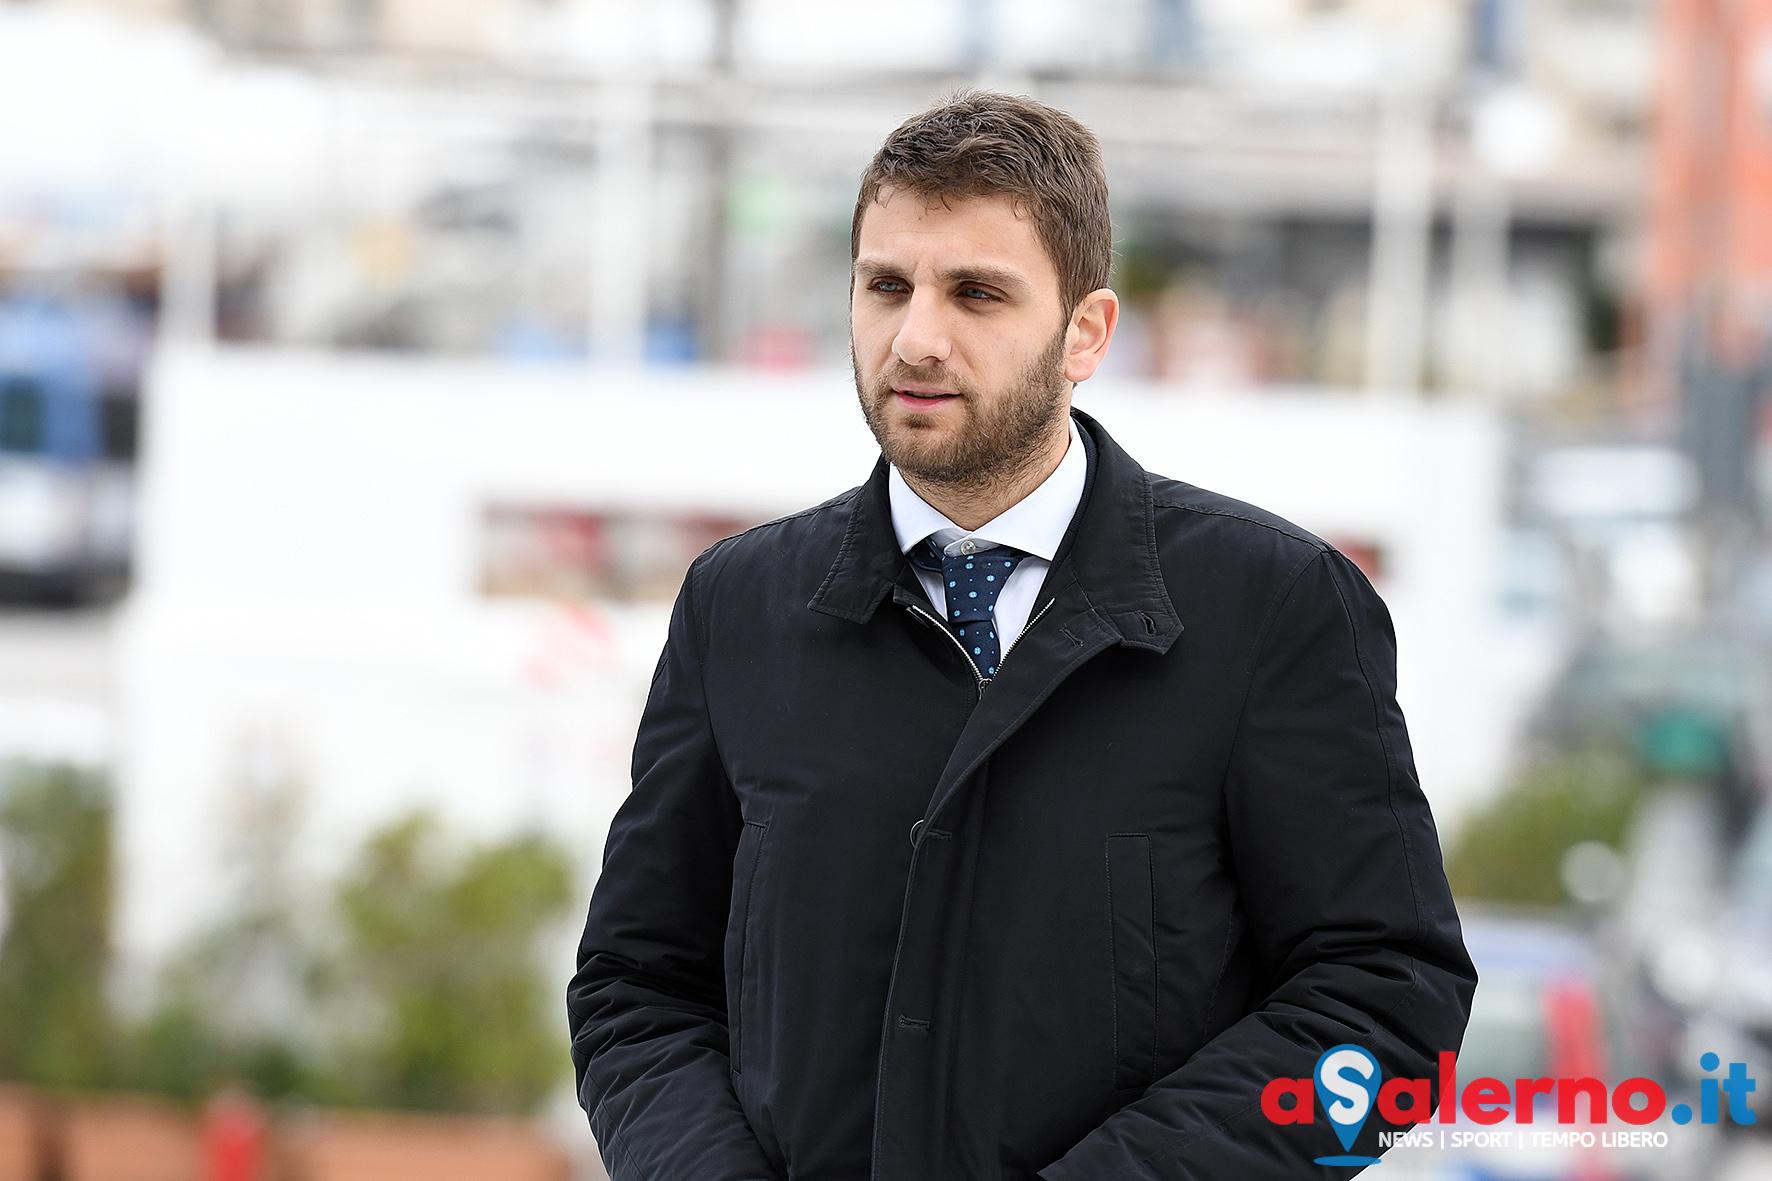 Inchiesta rifiuti, valigetta con 25mila euro a Oliviero: il video di Fanpage finisce in Procura